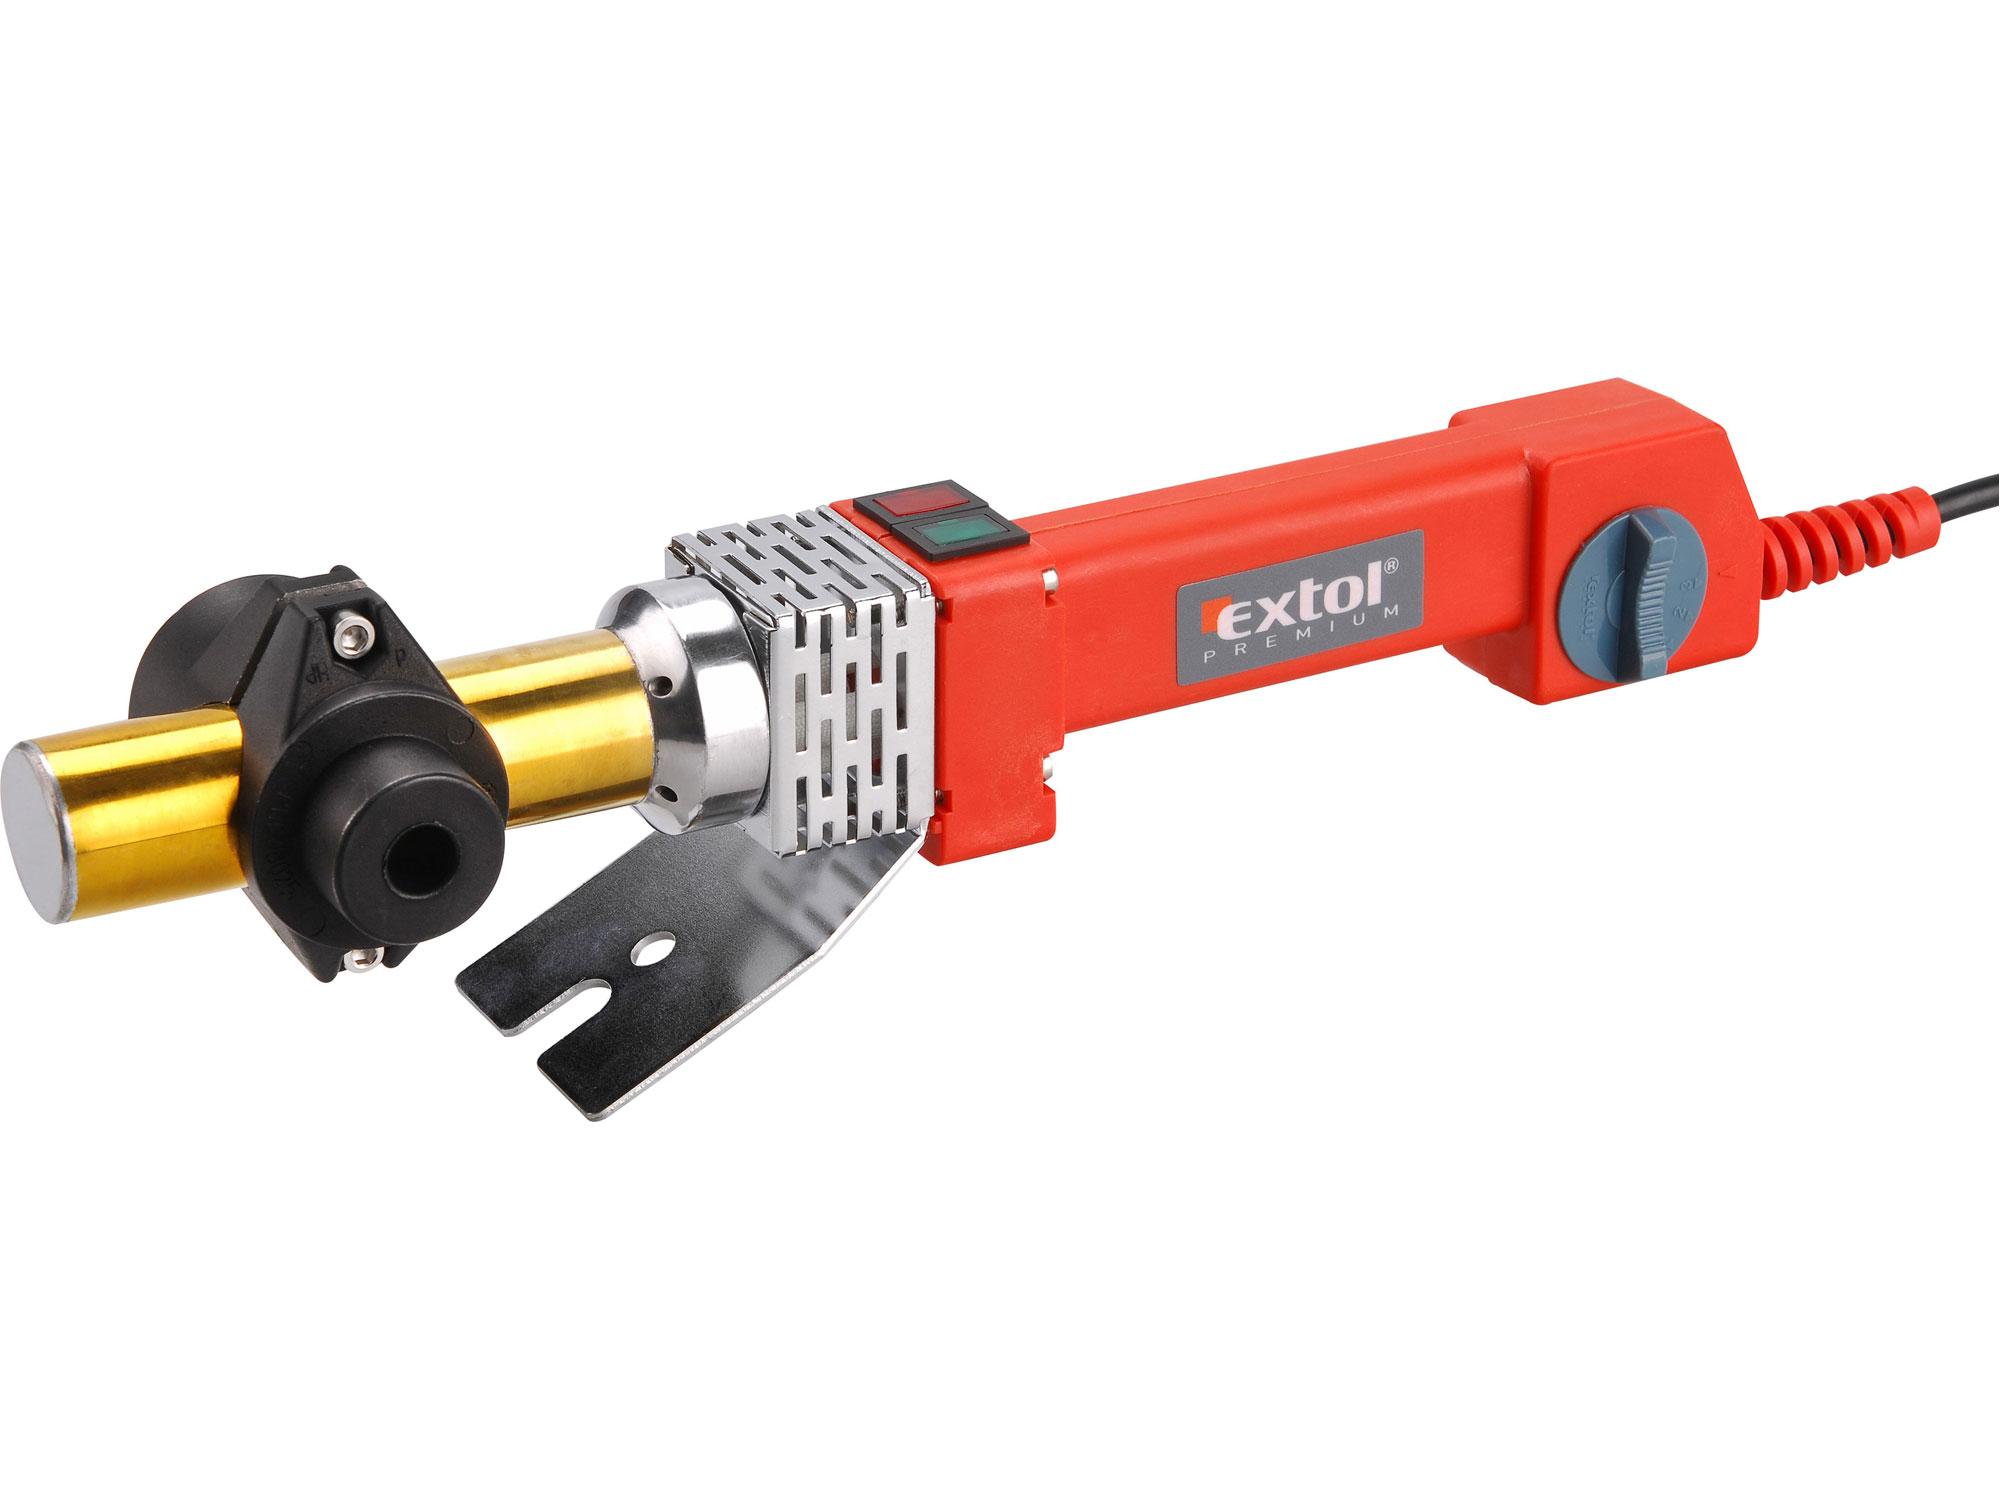 Svářečka polyfúzní, 800W PTW 80 EXTOL PREMIUM 8897210